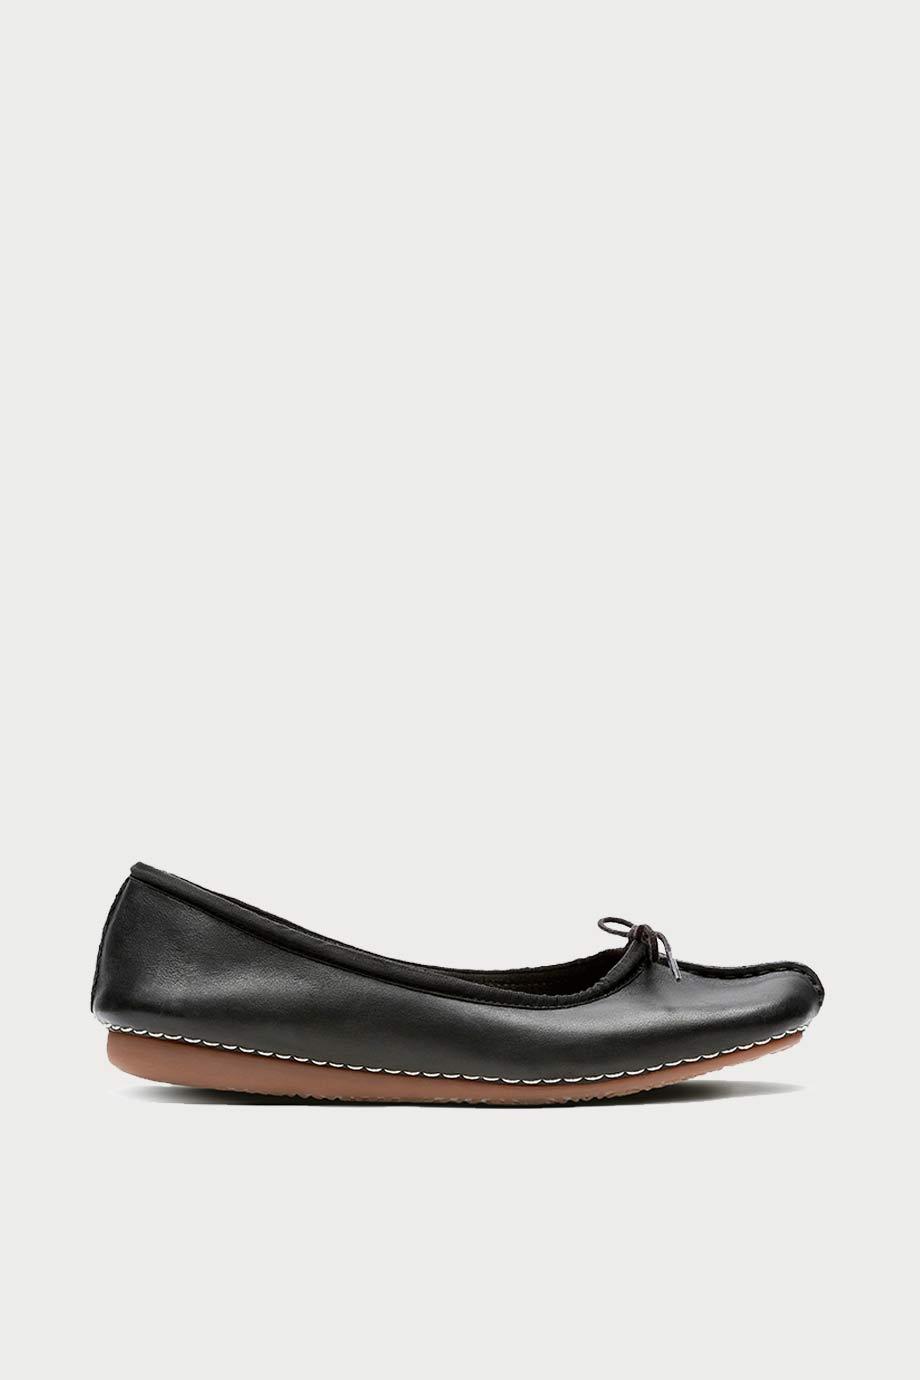 spiridoula metheniti shoes xalkida p freckle ice black leather clarks